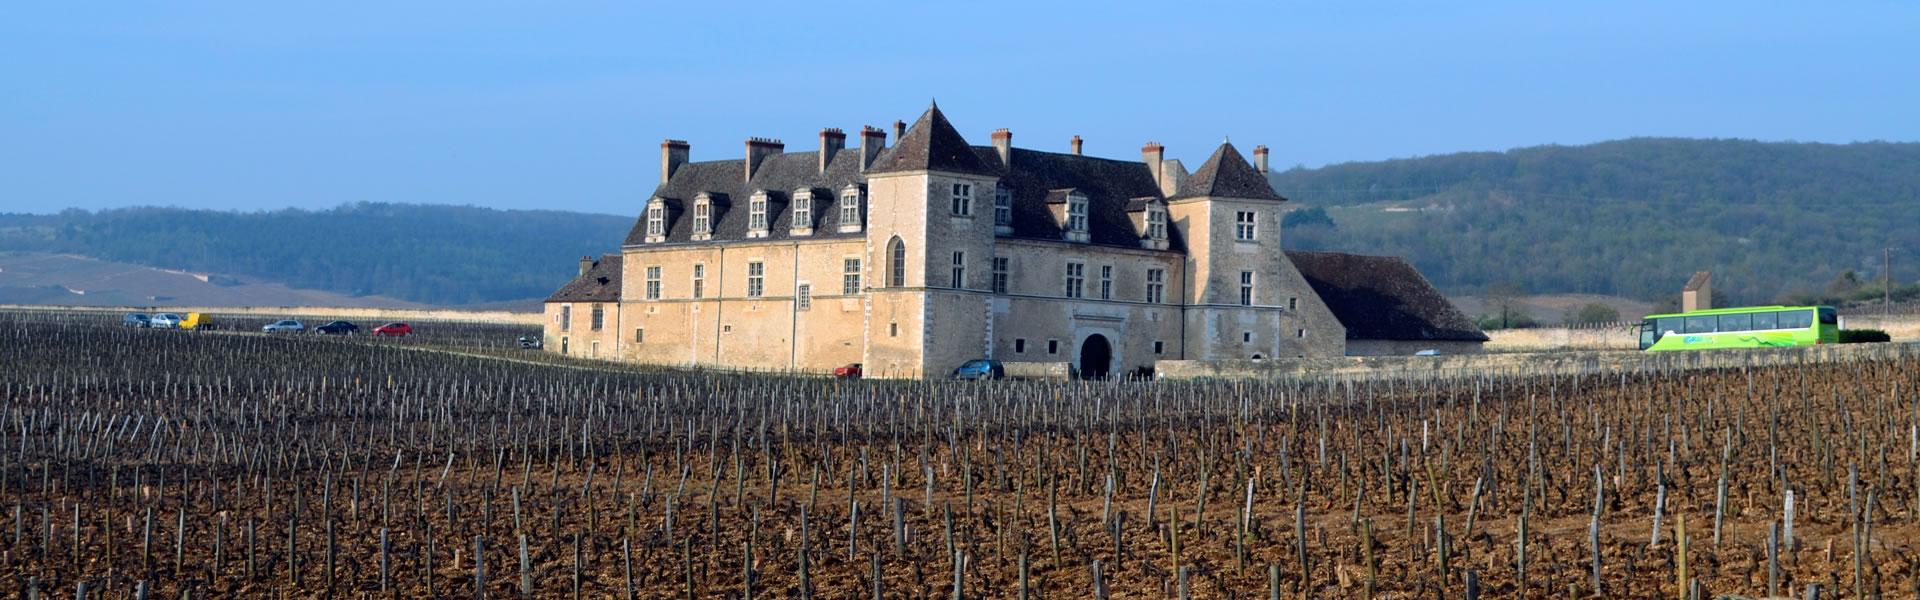 Clos-de-Vougeot-Burgundy